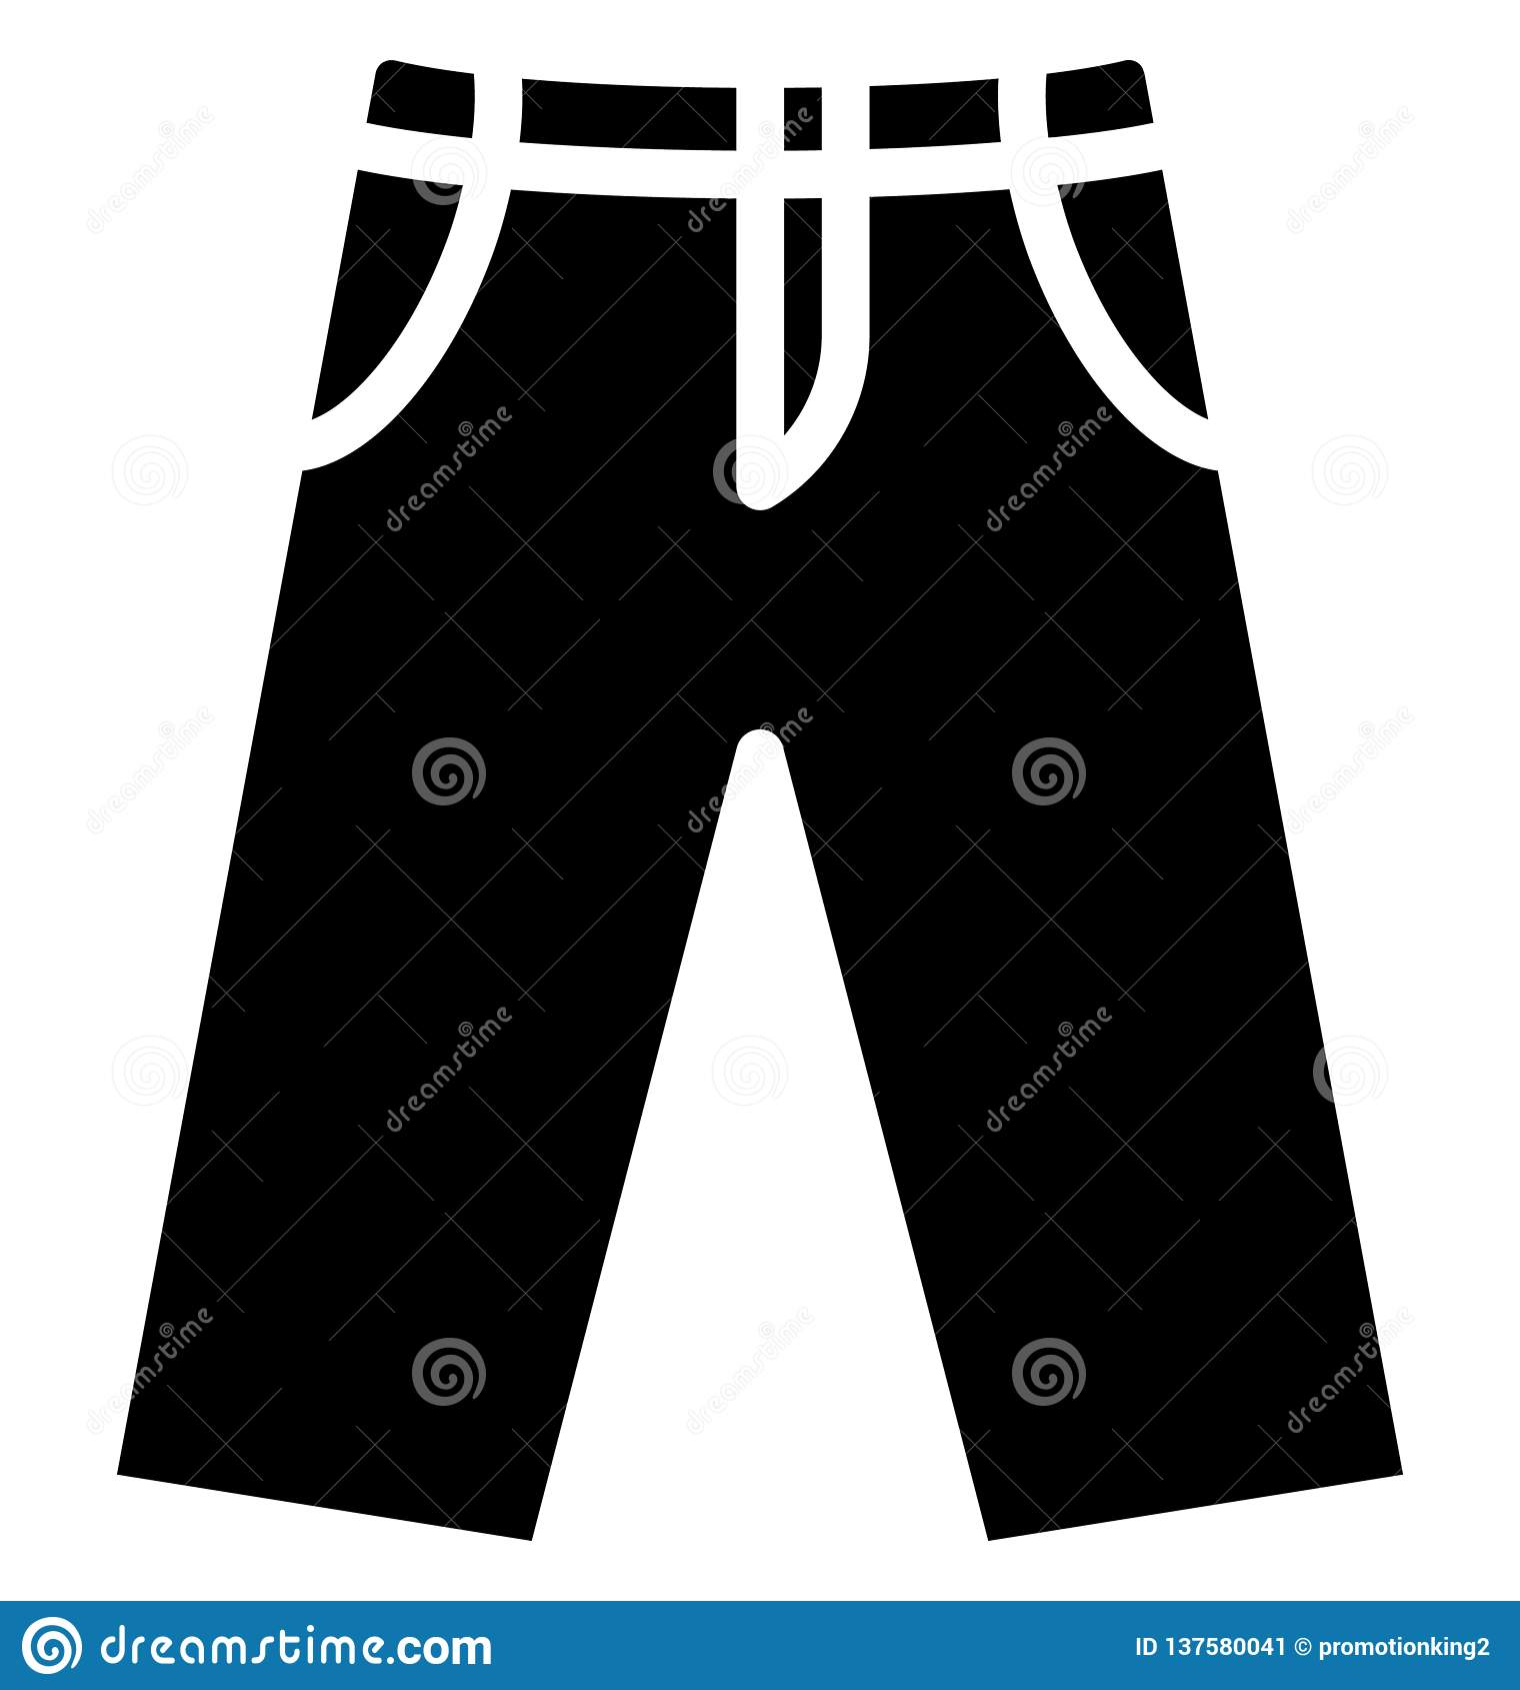 Miechowaty trouser Odizolowywał Wektorową ikonę która może łatwo redagować lub modyfikująca